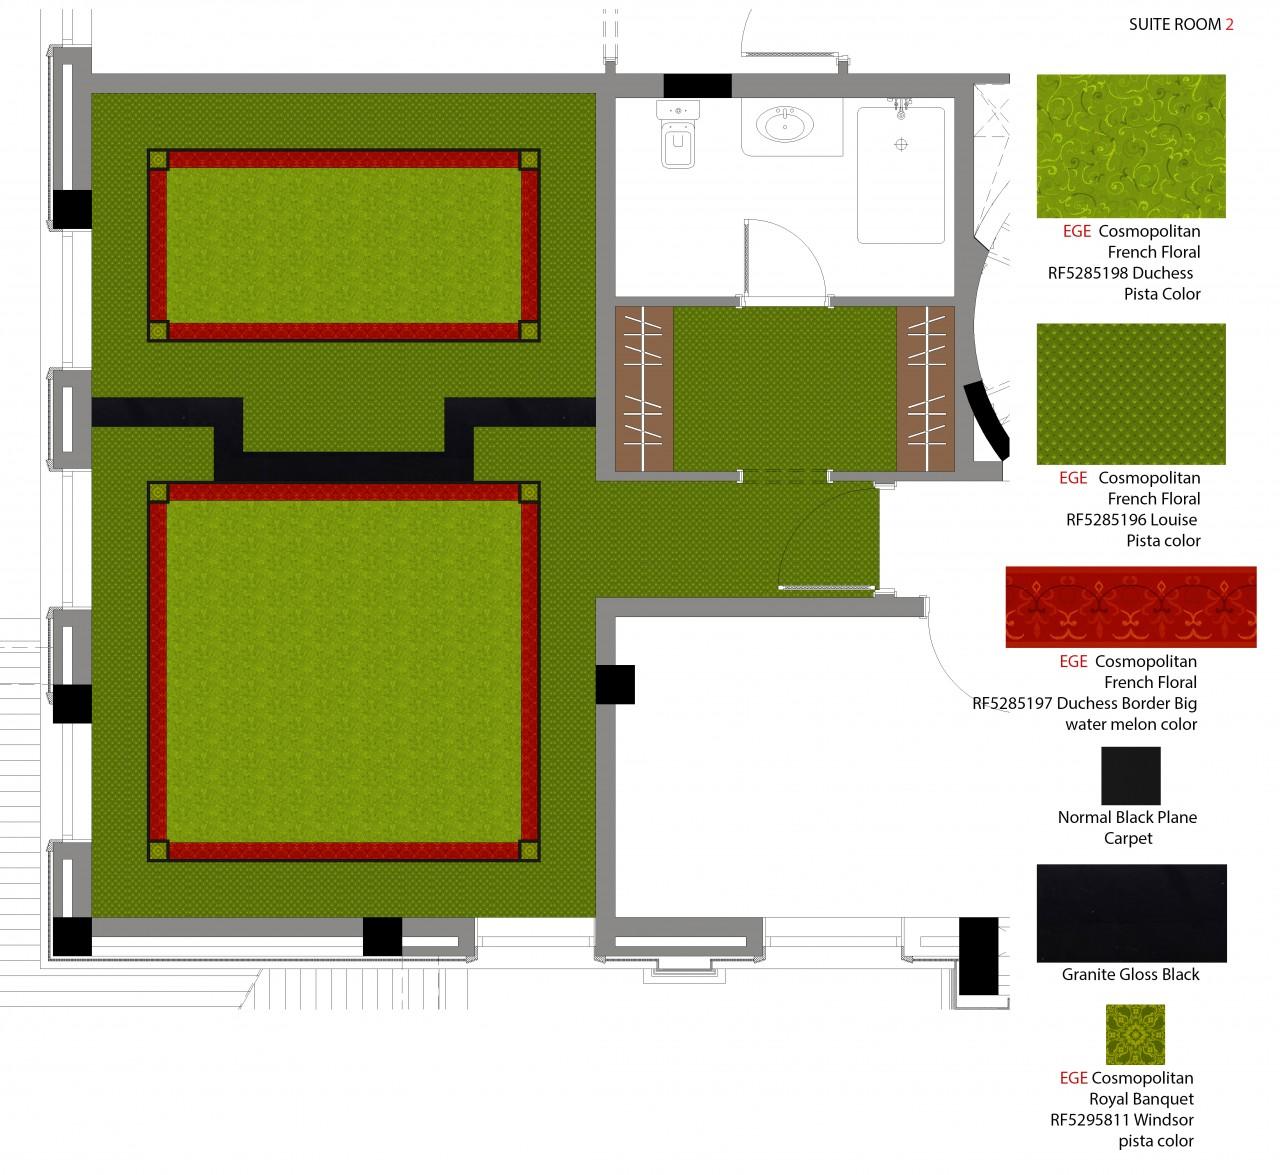 Suite 2 Carpet Plan And Details